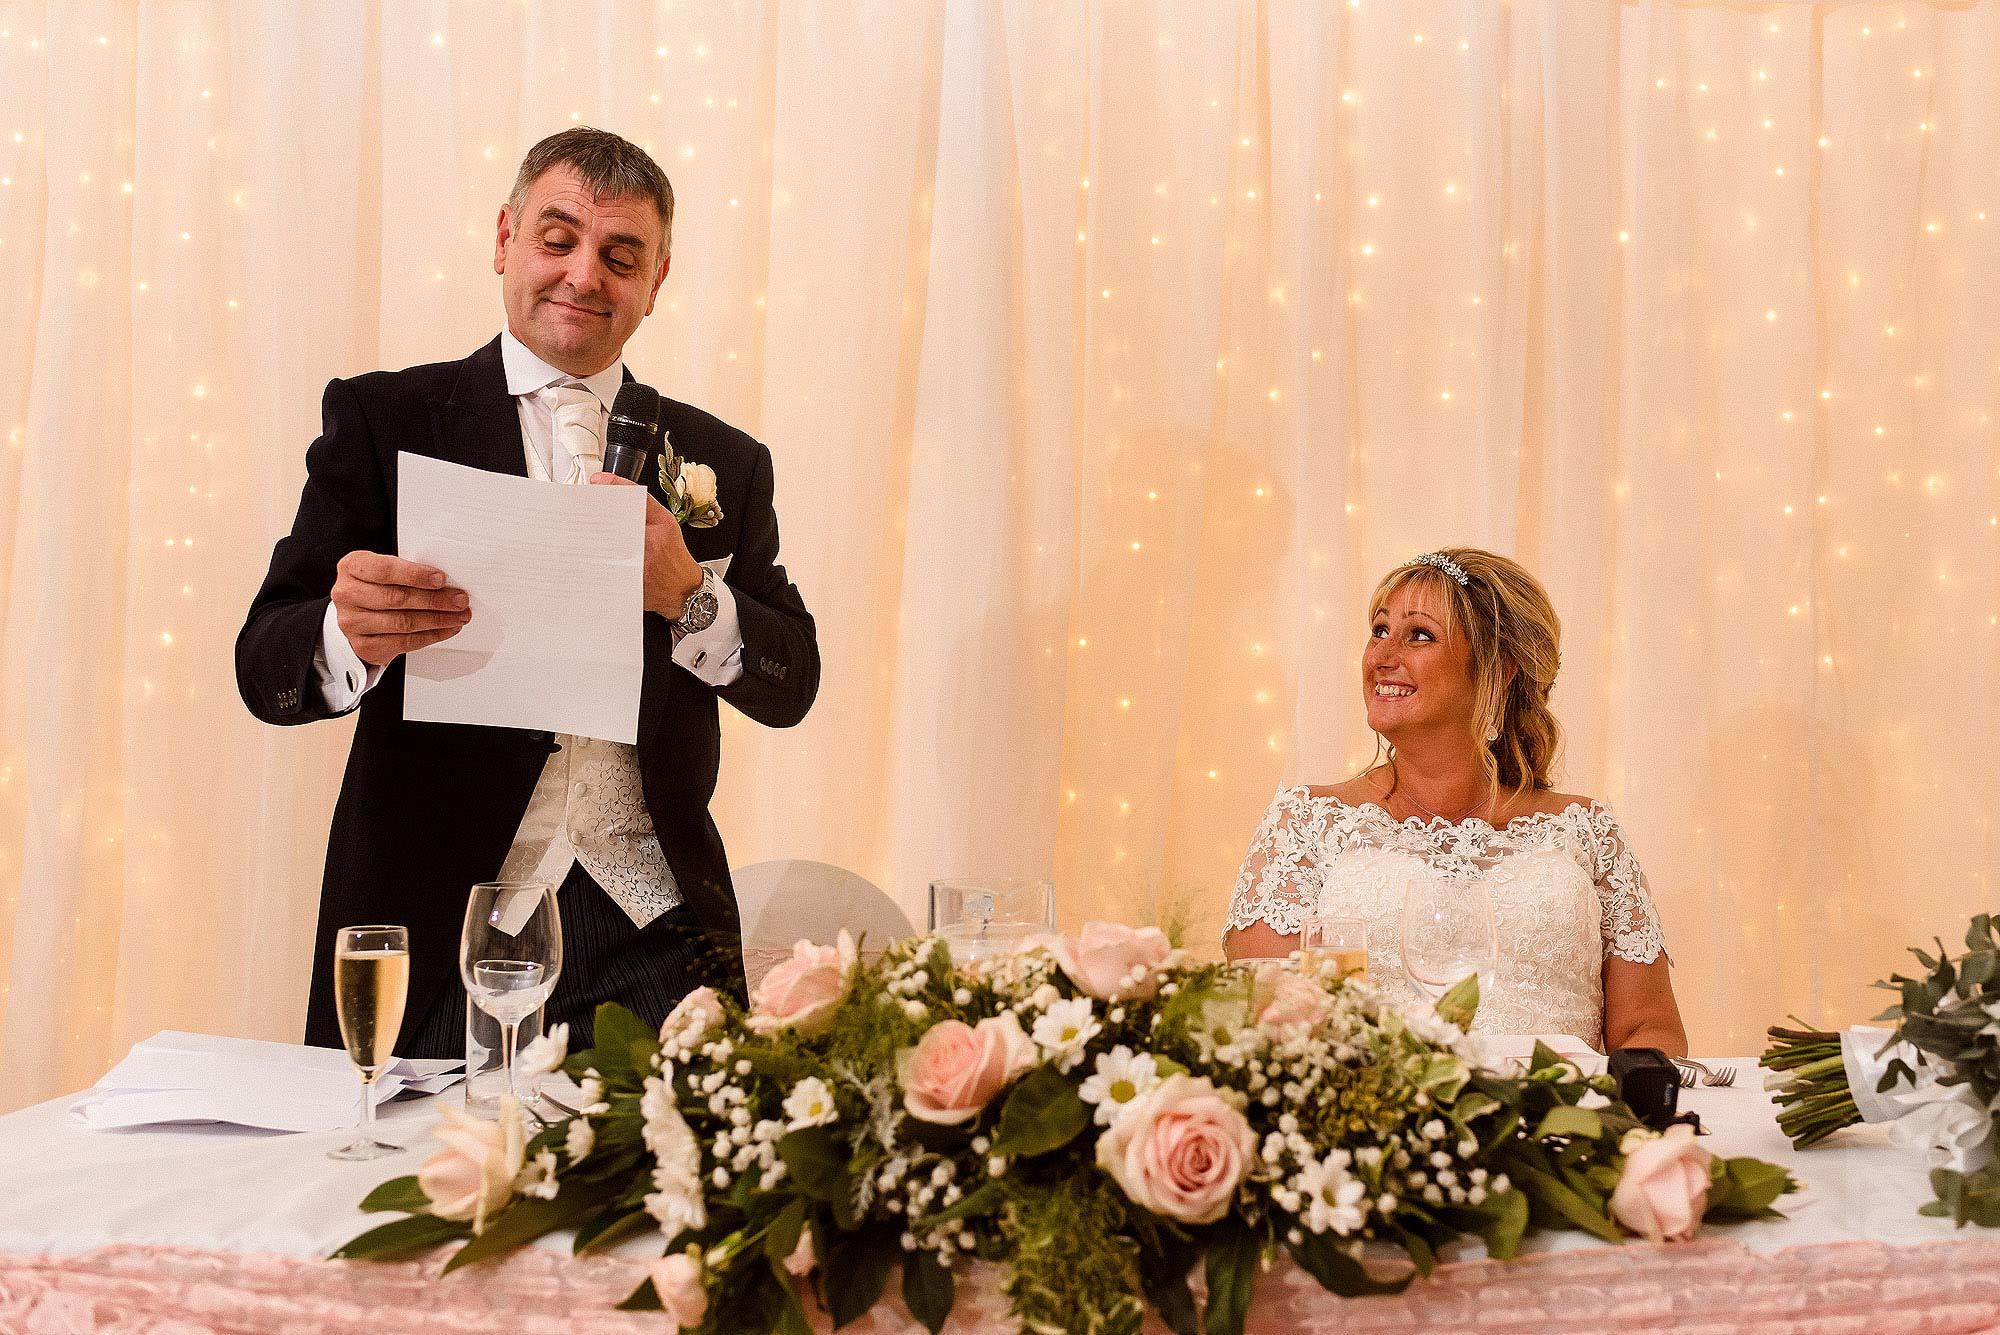 groom delivering wedding speech